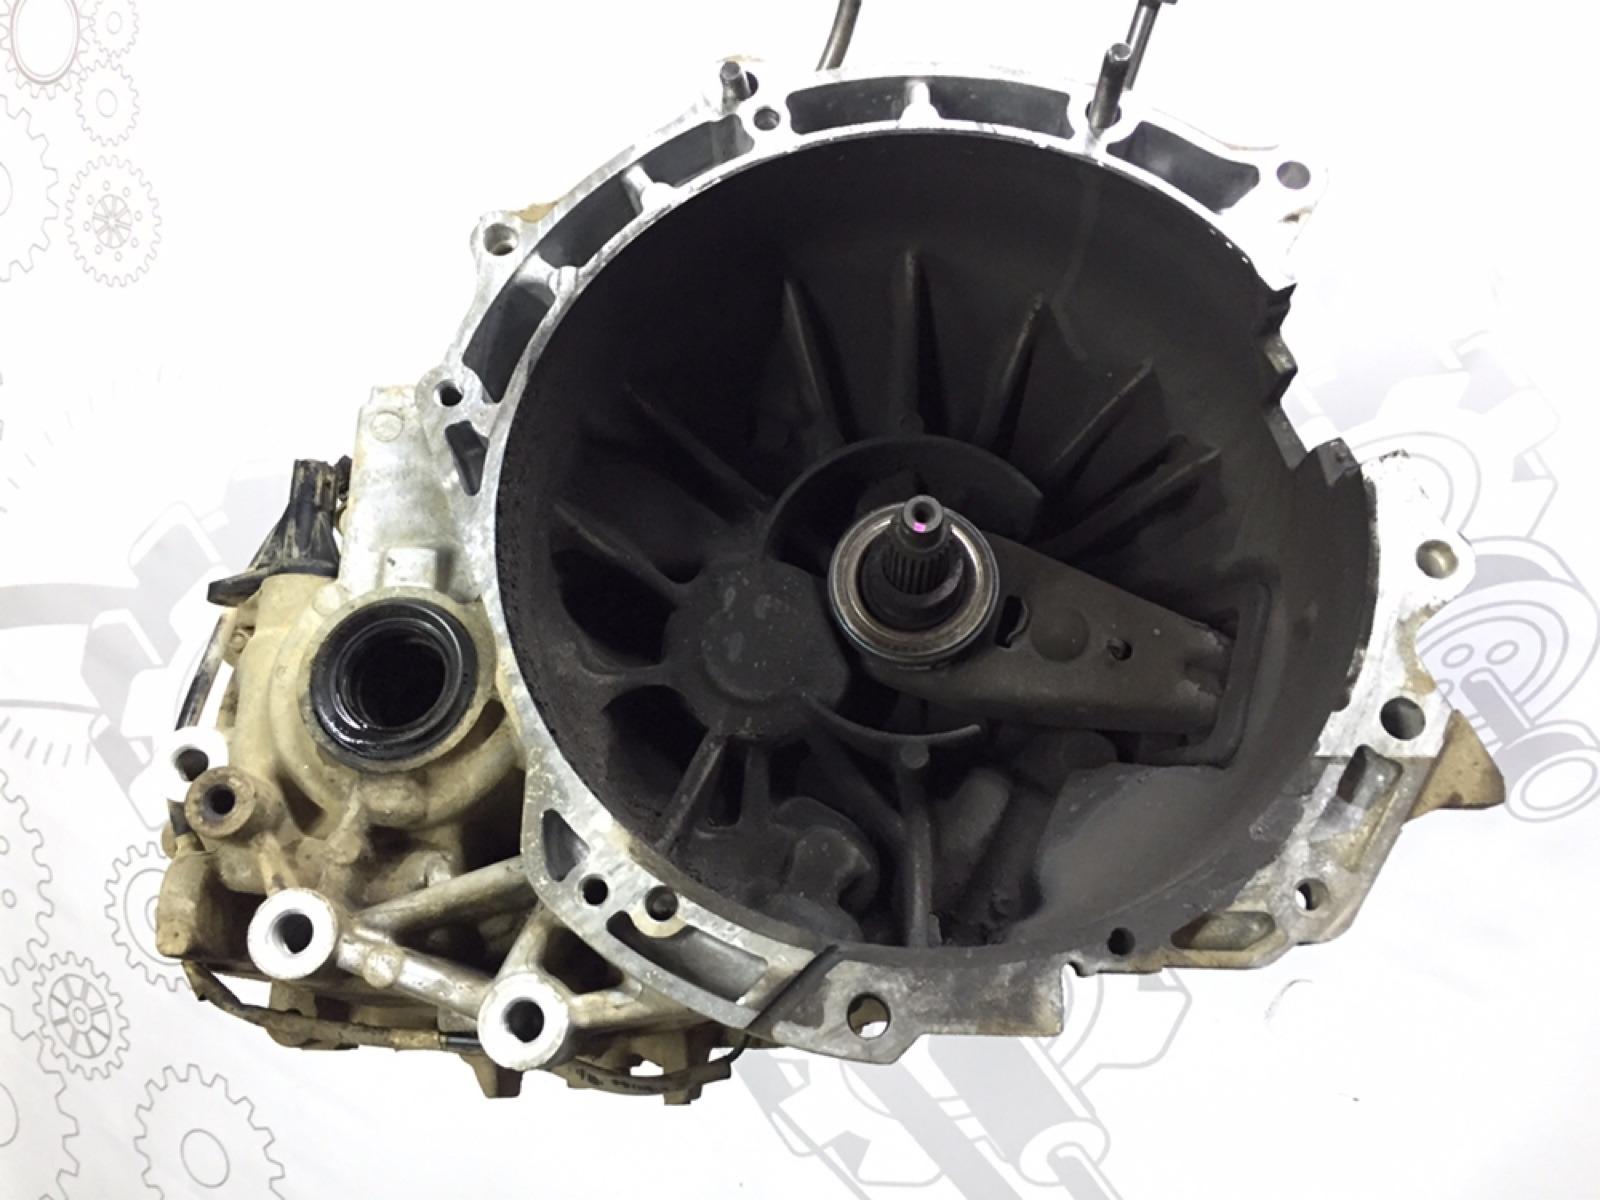 Кпп механическая (мкпп) Mazda 5 2.0 I 2010 (б/у)